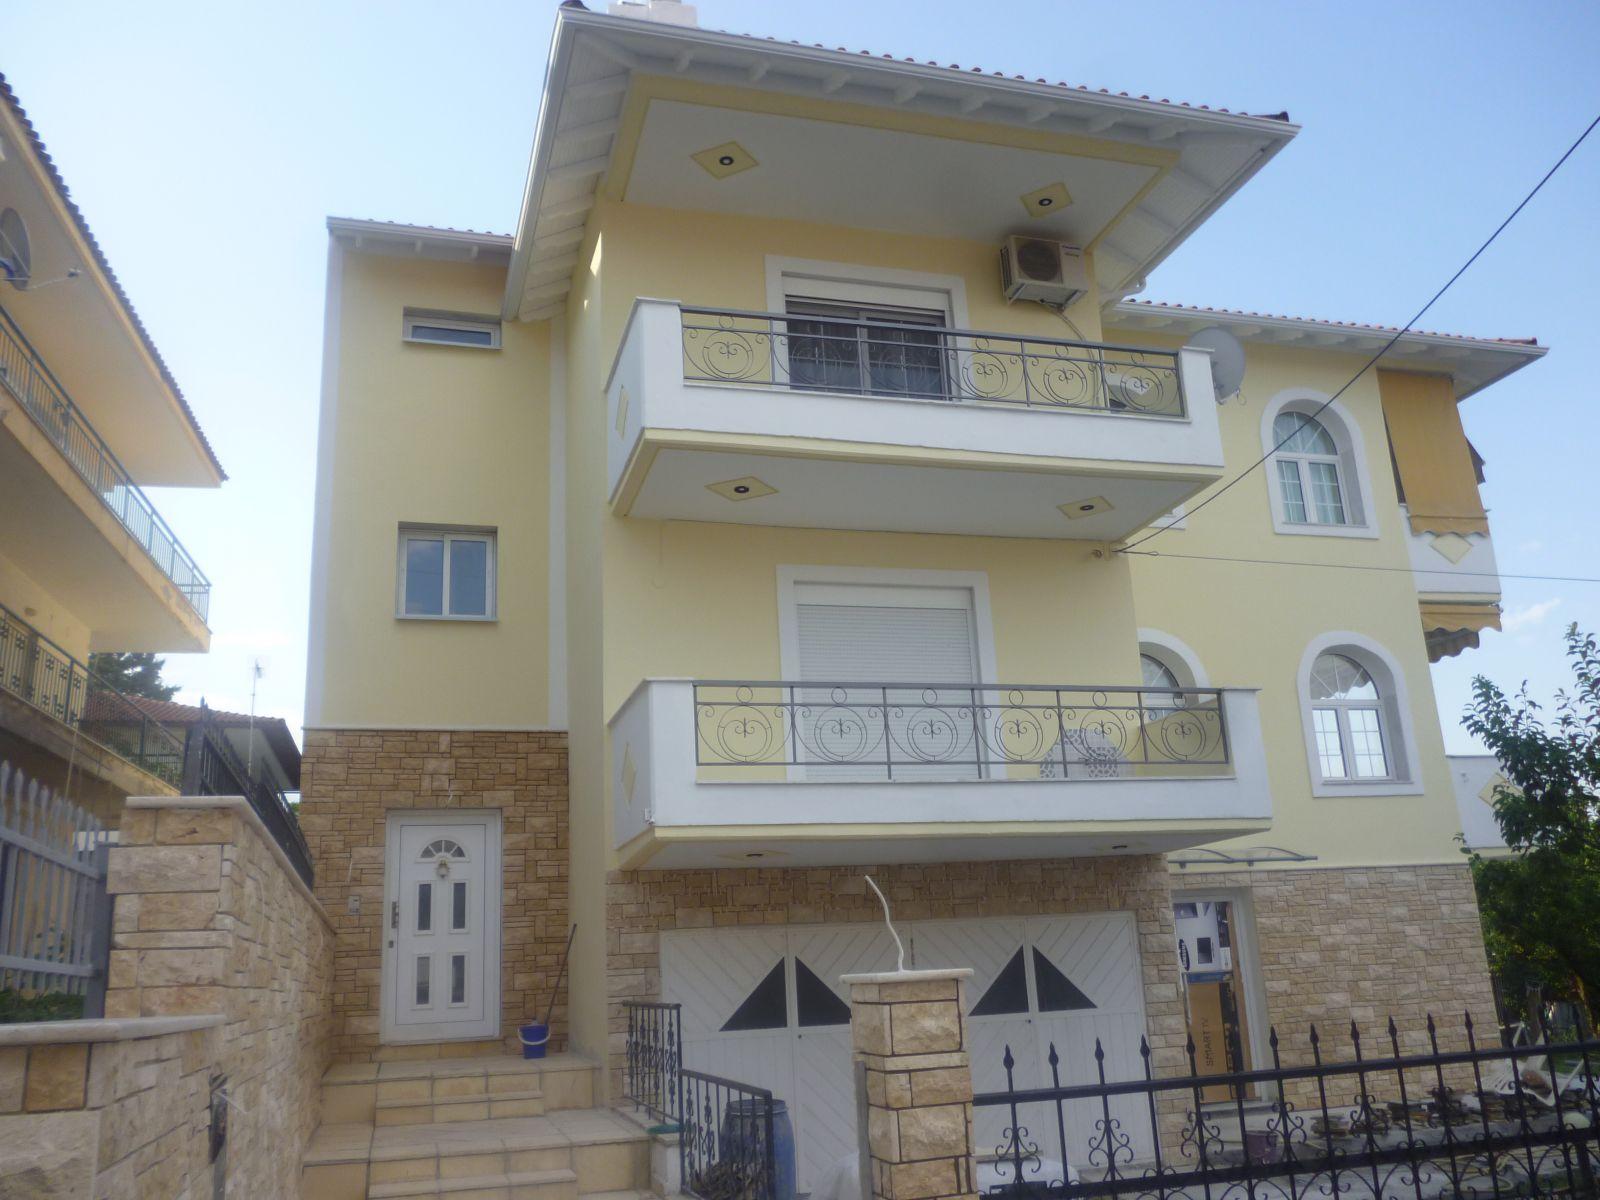 Εξωτερική θερμοπρόσοψη με θερμοσοβά Tektoterm σε ιδιωτική κατοικία στο Φίλυρο Θεσσαλονίκης